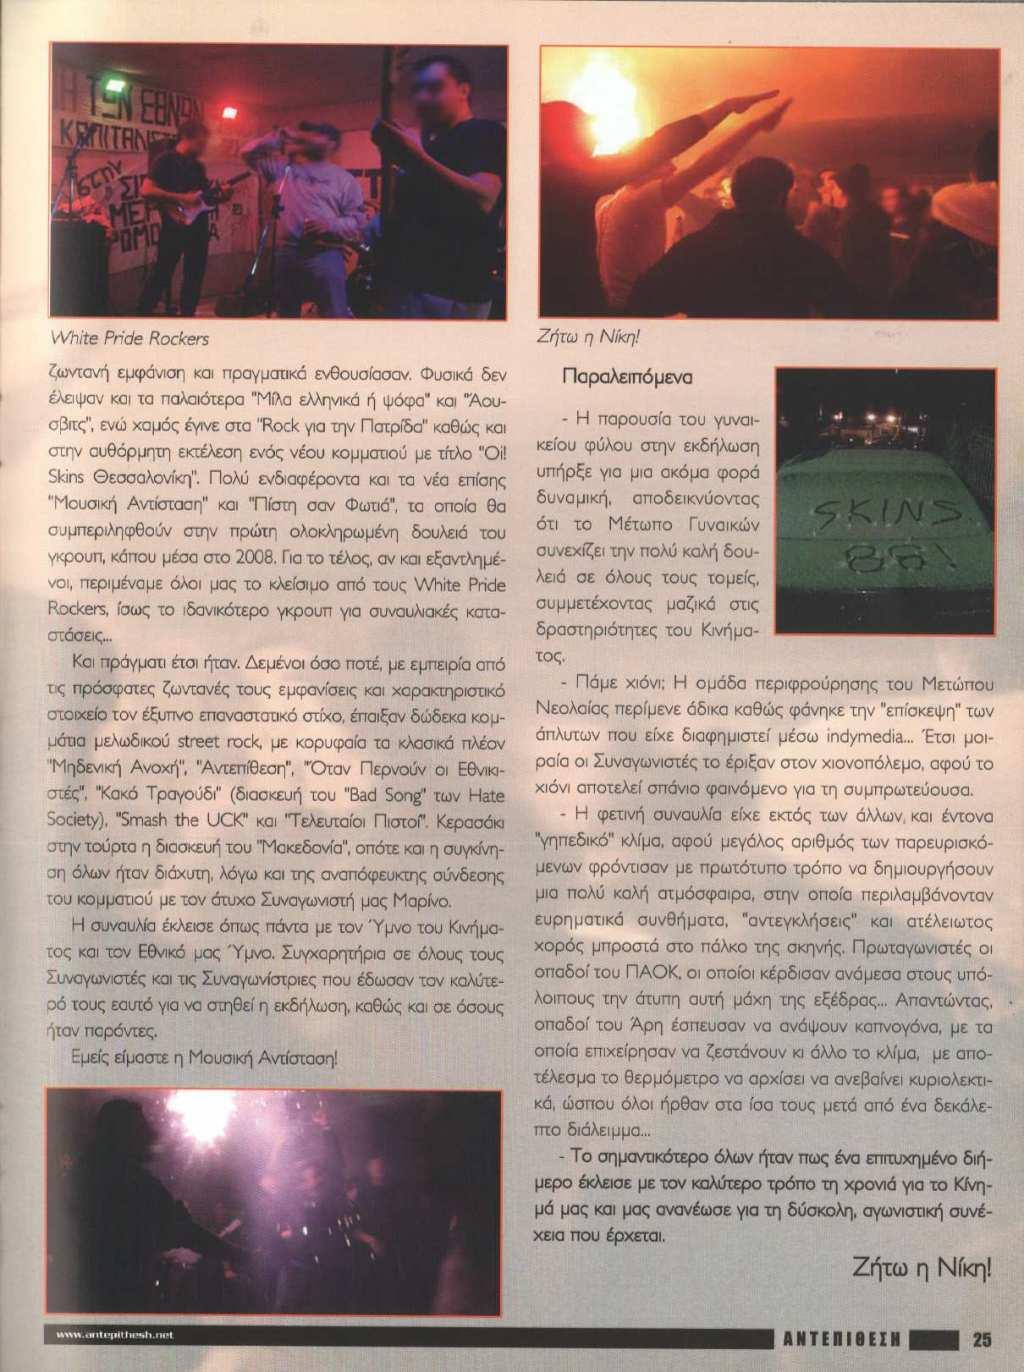 Τα πρώτα μουσικά βήματα του Ματθαιόπουλου. Γαμιέται το αστέρι του Δαβία, αχ πως θέλω να κατουρήσω στο τείχος των δακρύων και άλλα ωραία πολιτισμένα ελληνικά και πατριωτικά. Θεσσαλονίκη: Συναυλία με Pogrom και άλλα 4 συγκροτήματα, 2008